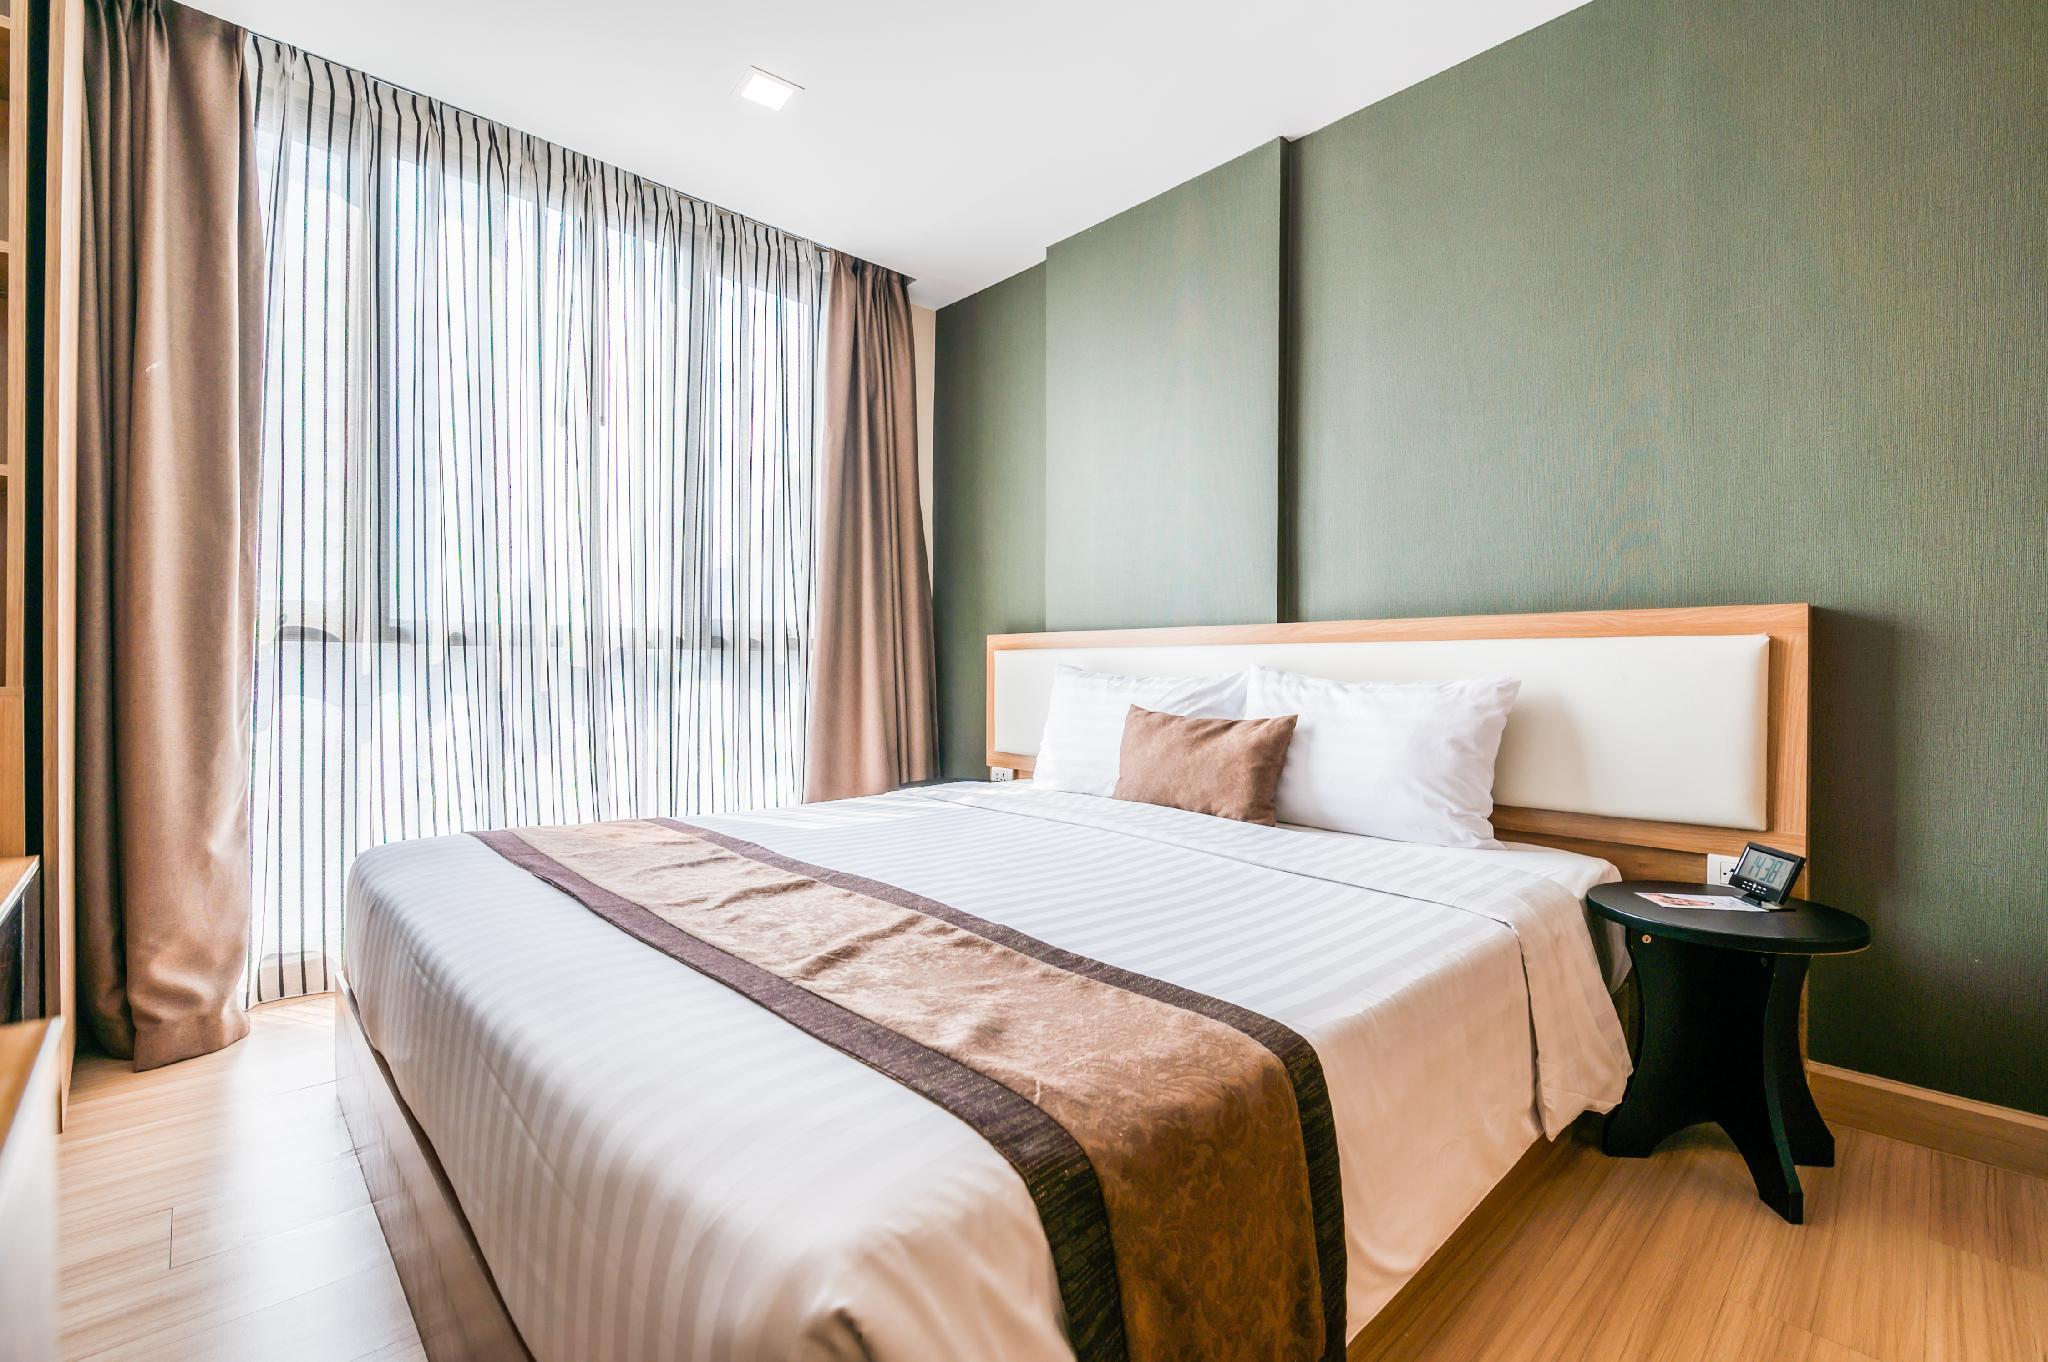 Spacious Room nearby BTS Ekkamai อพาร์ตเมนต์ 1 ห้องนอน 1 ห้องน้ำส่วนตัว ขนาด 50 ตร.ม. – สุขุมวิท